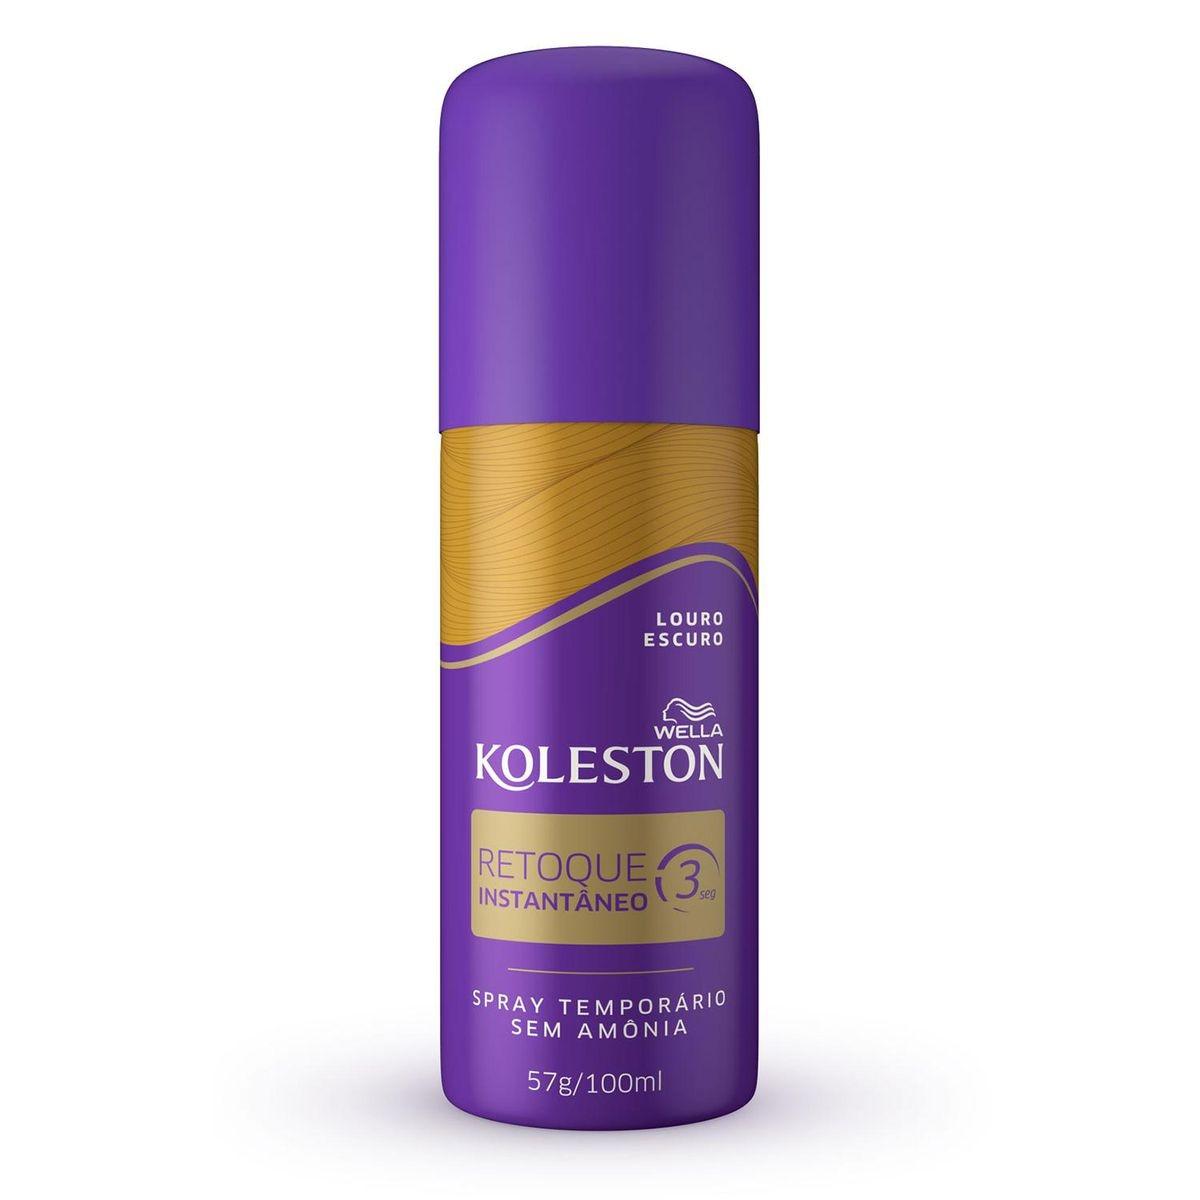 Retoque Instantâneo Koleston Louro Escuro 100ml Spray